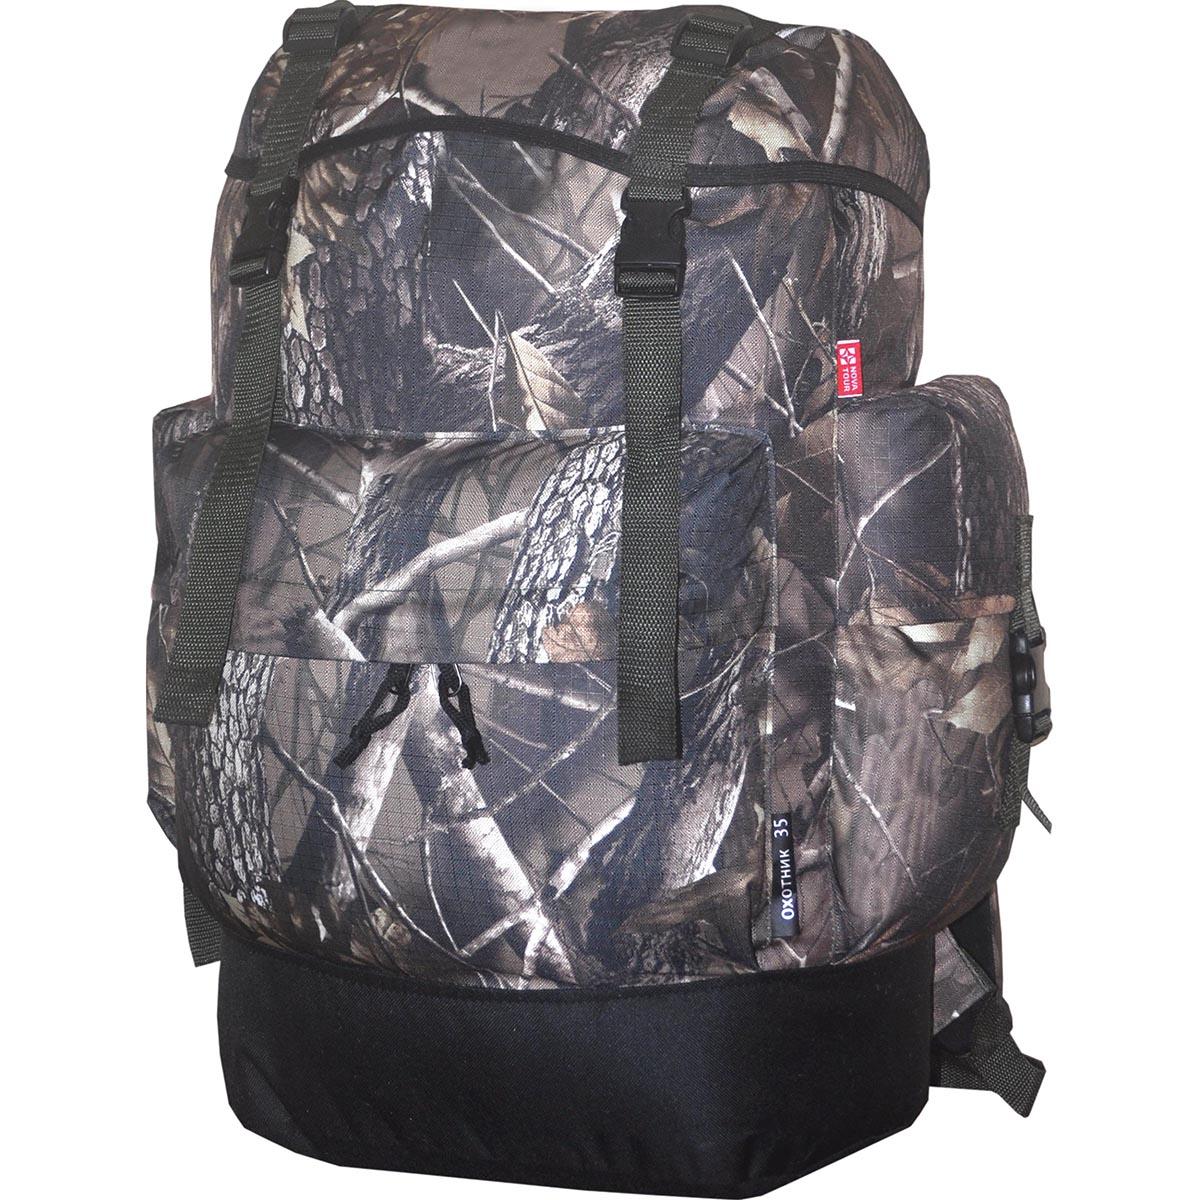 Рюкзак для охоты HunterMan Nova Tour Охотник 50 V3 км, цвет: лес, 50 л95827-705-00Рюкзак для охоты Hunter Nova Tour Охотник 50 V3 км - заслуженный ветеран и лидер продаж в своей серии. Простой, надежный, проверенный временем и километрами дорог. Компактность рюкзака обеспечит маневренность, а четко выверенная высота крепления плечевых лямок и отсутствие высокого верхнего клапана расширит обзор.